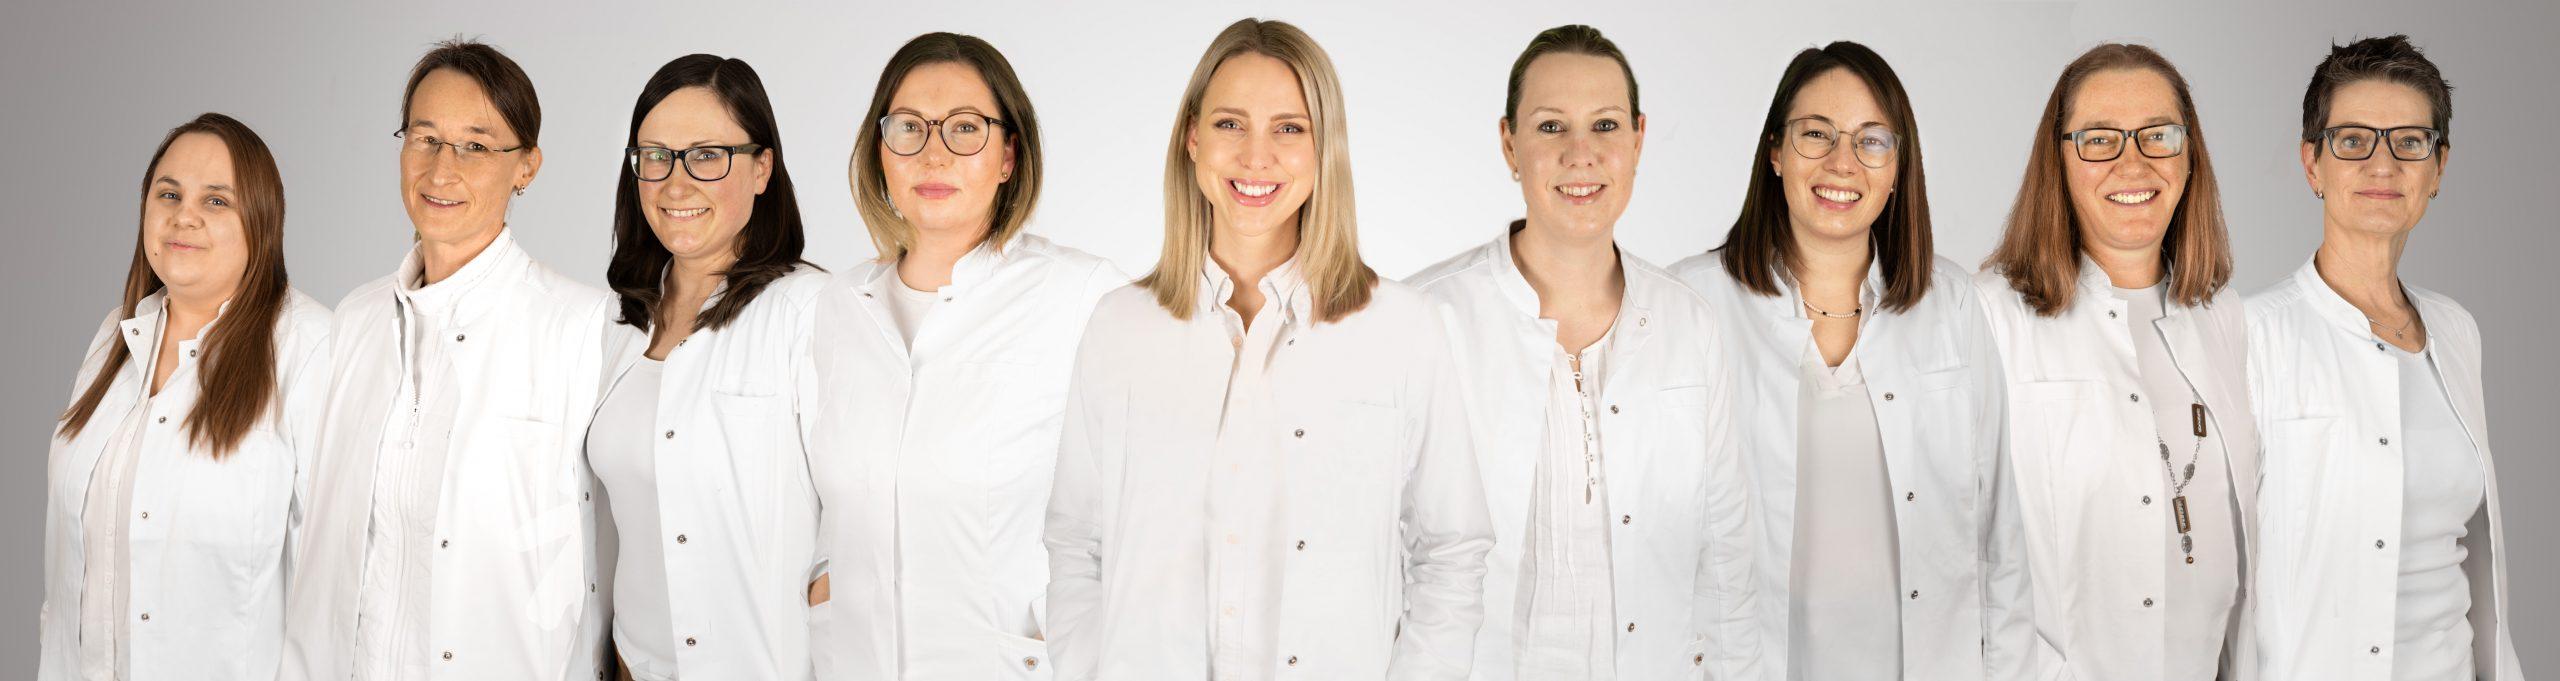 Teambild der Rosen Apotheke in Landshut